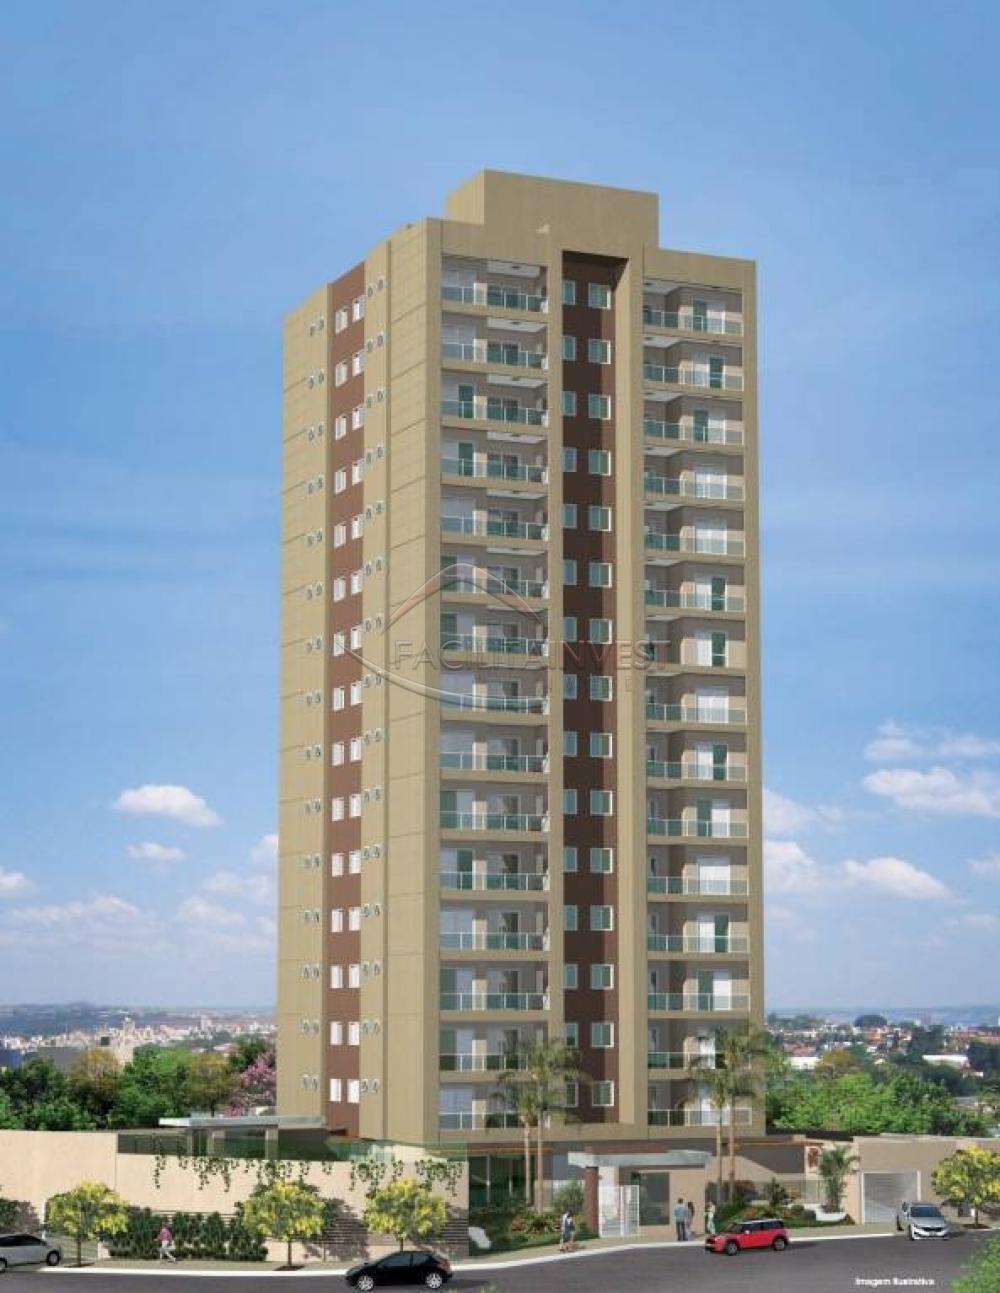 Comprar Apartamentos / Apart. Padrão em Ribeirão Preto apenas R$ 407.023,24 - Foto 4